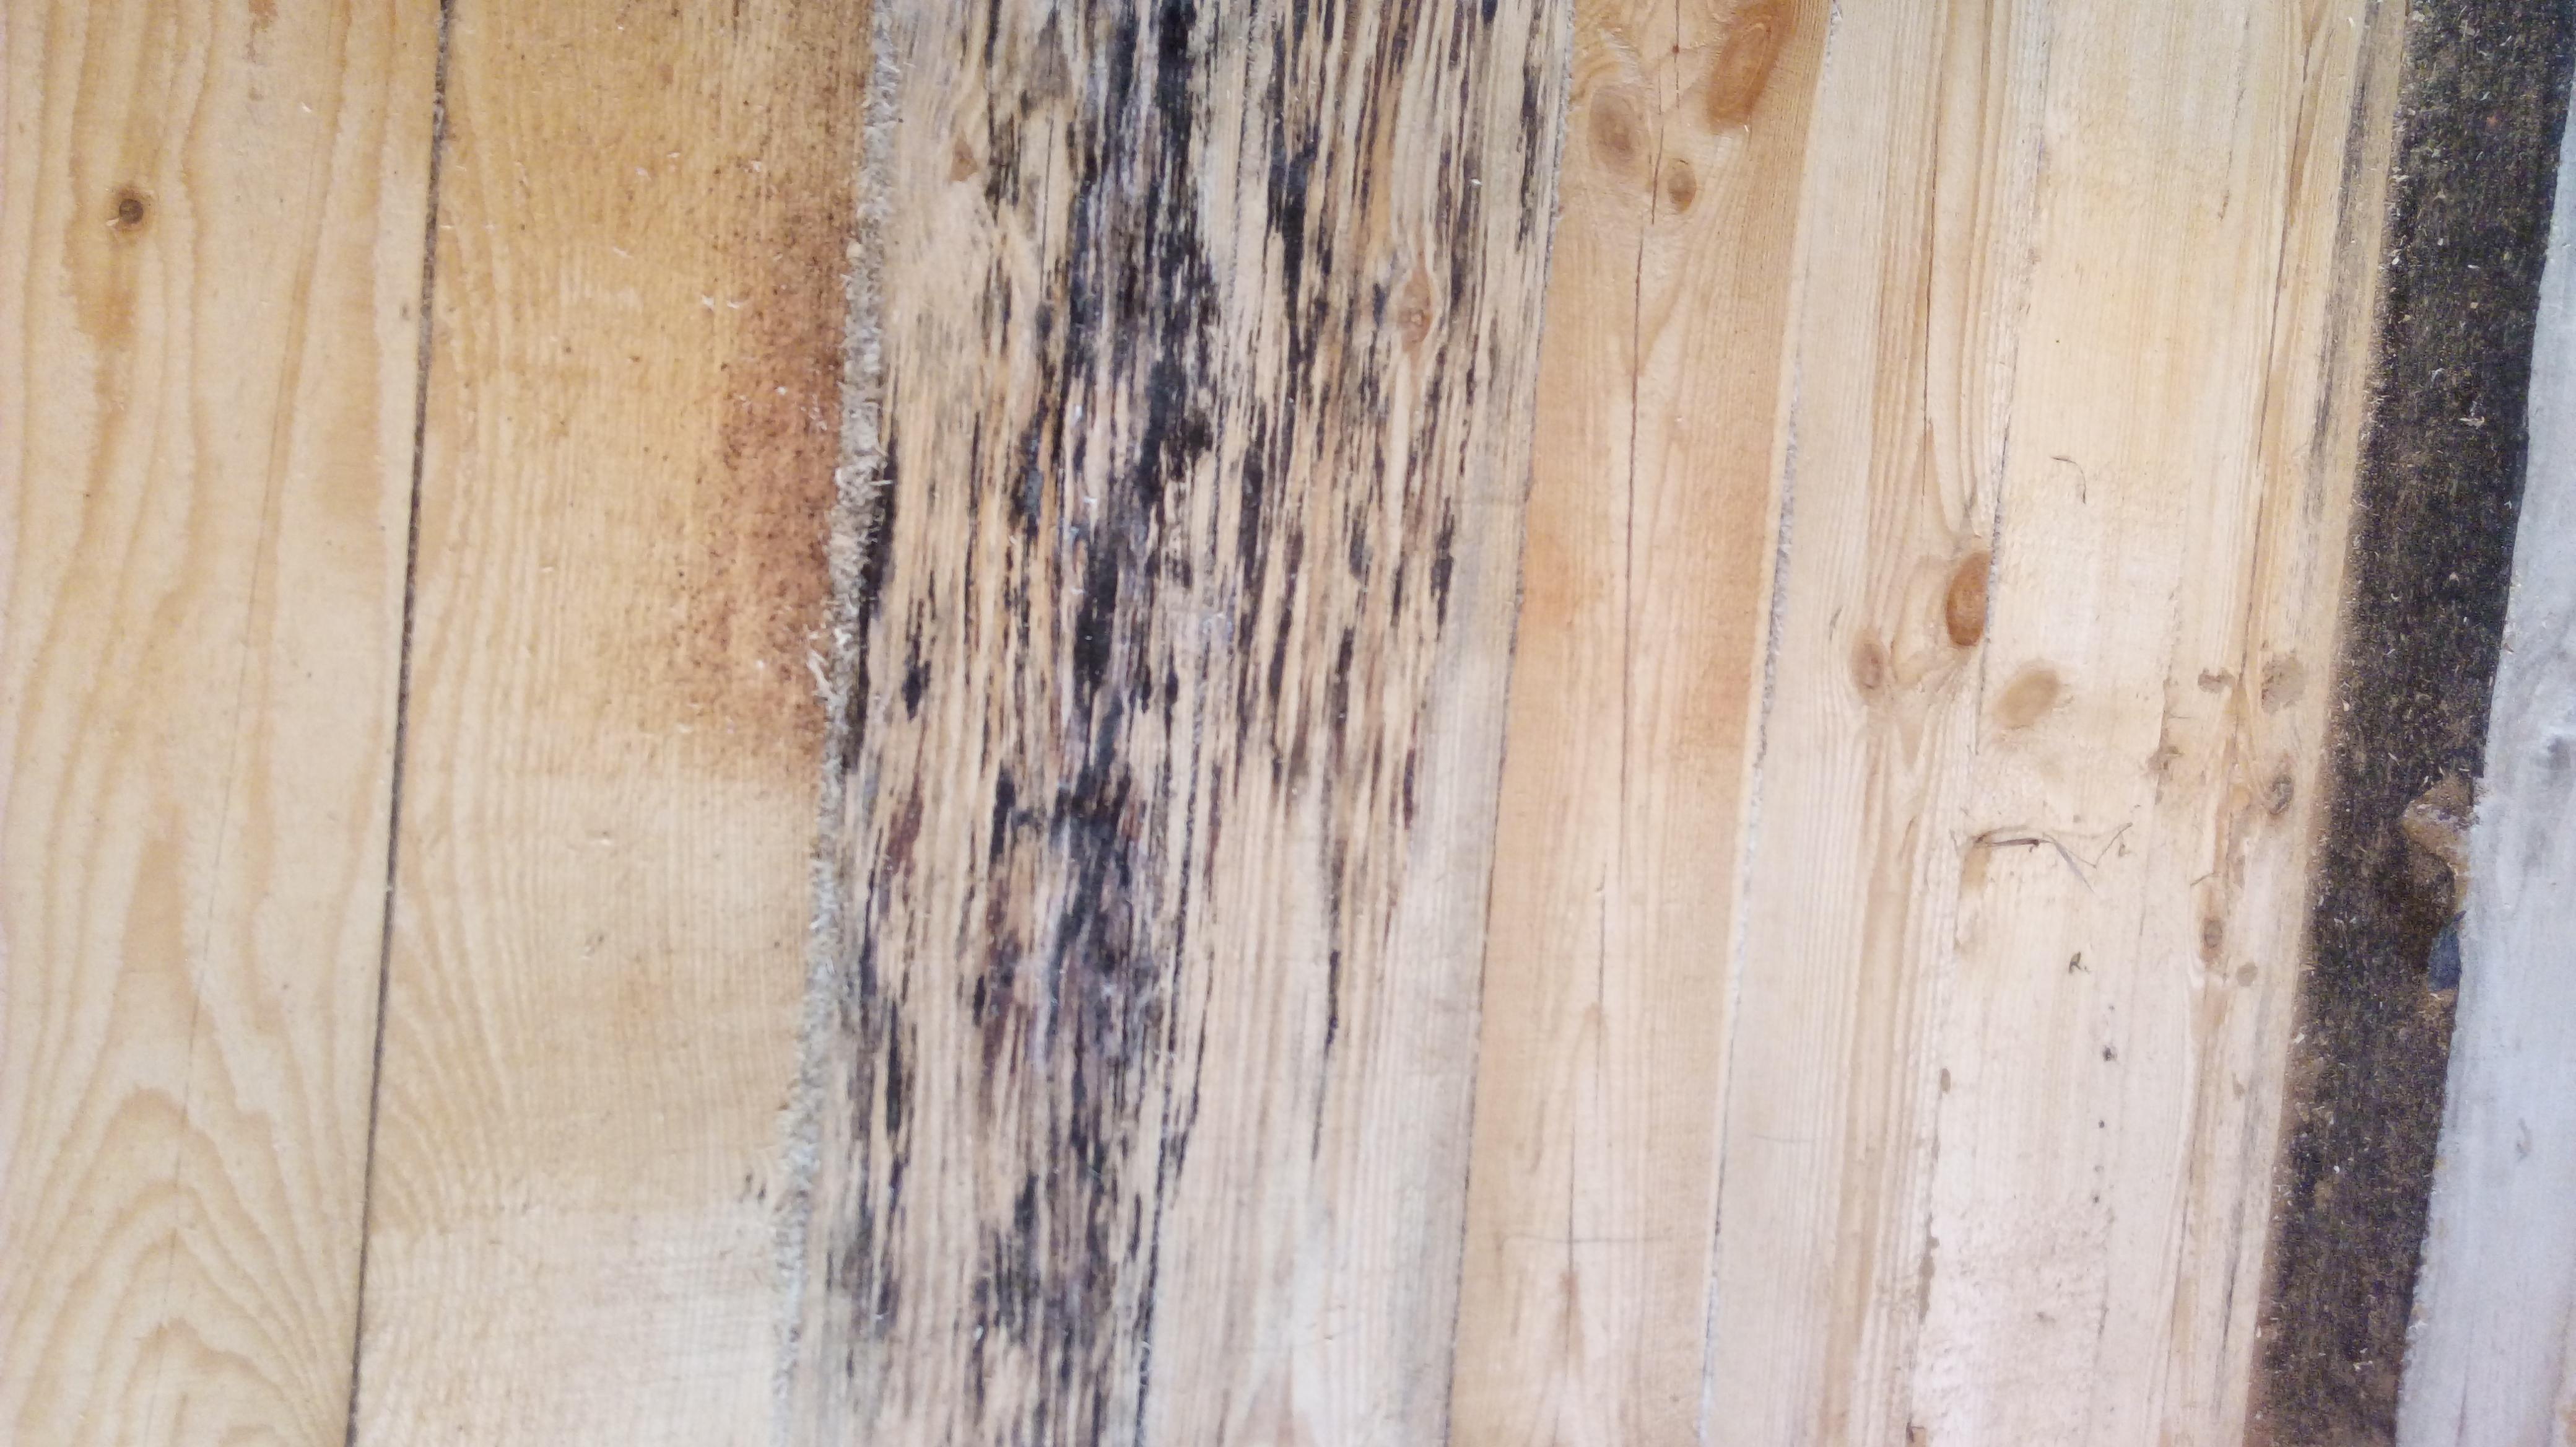 Как убрать плесень с деревянных поверхностей: простые советы